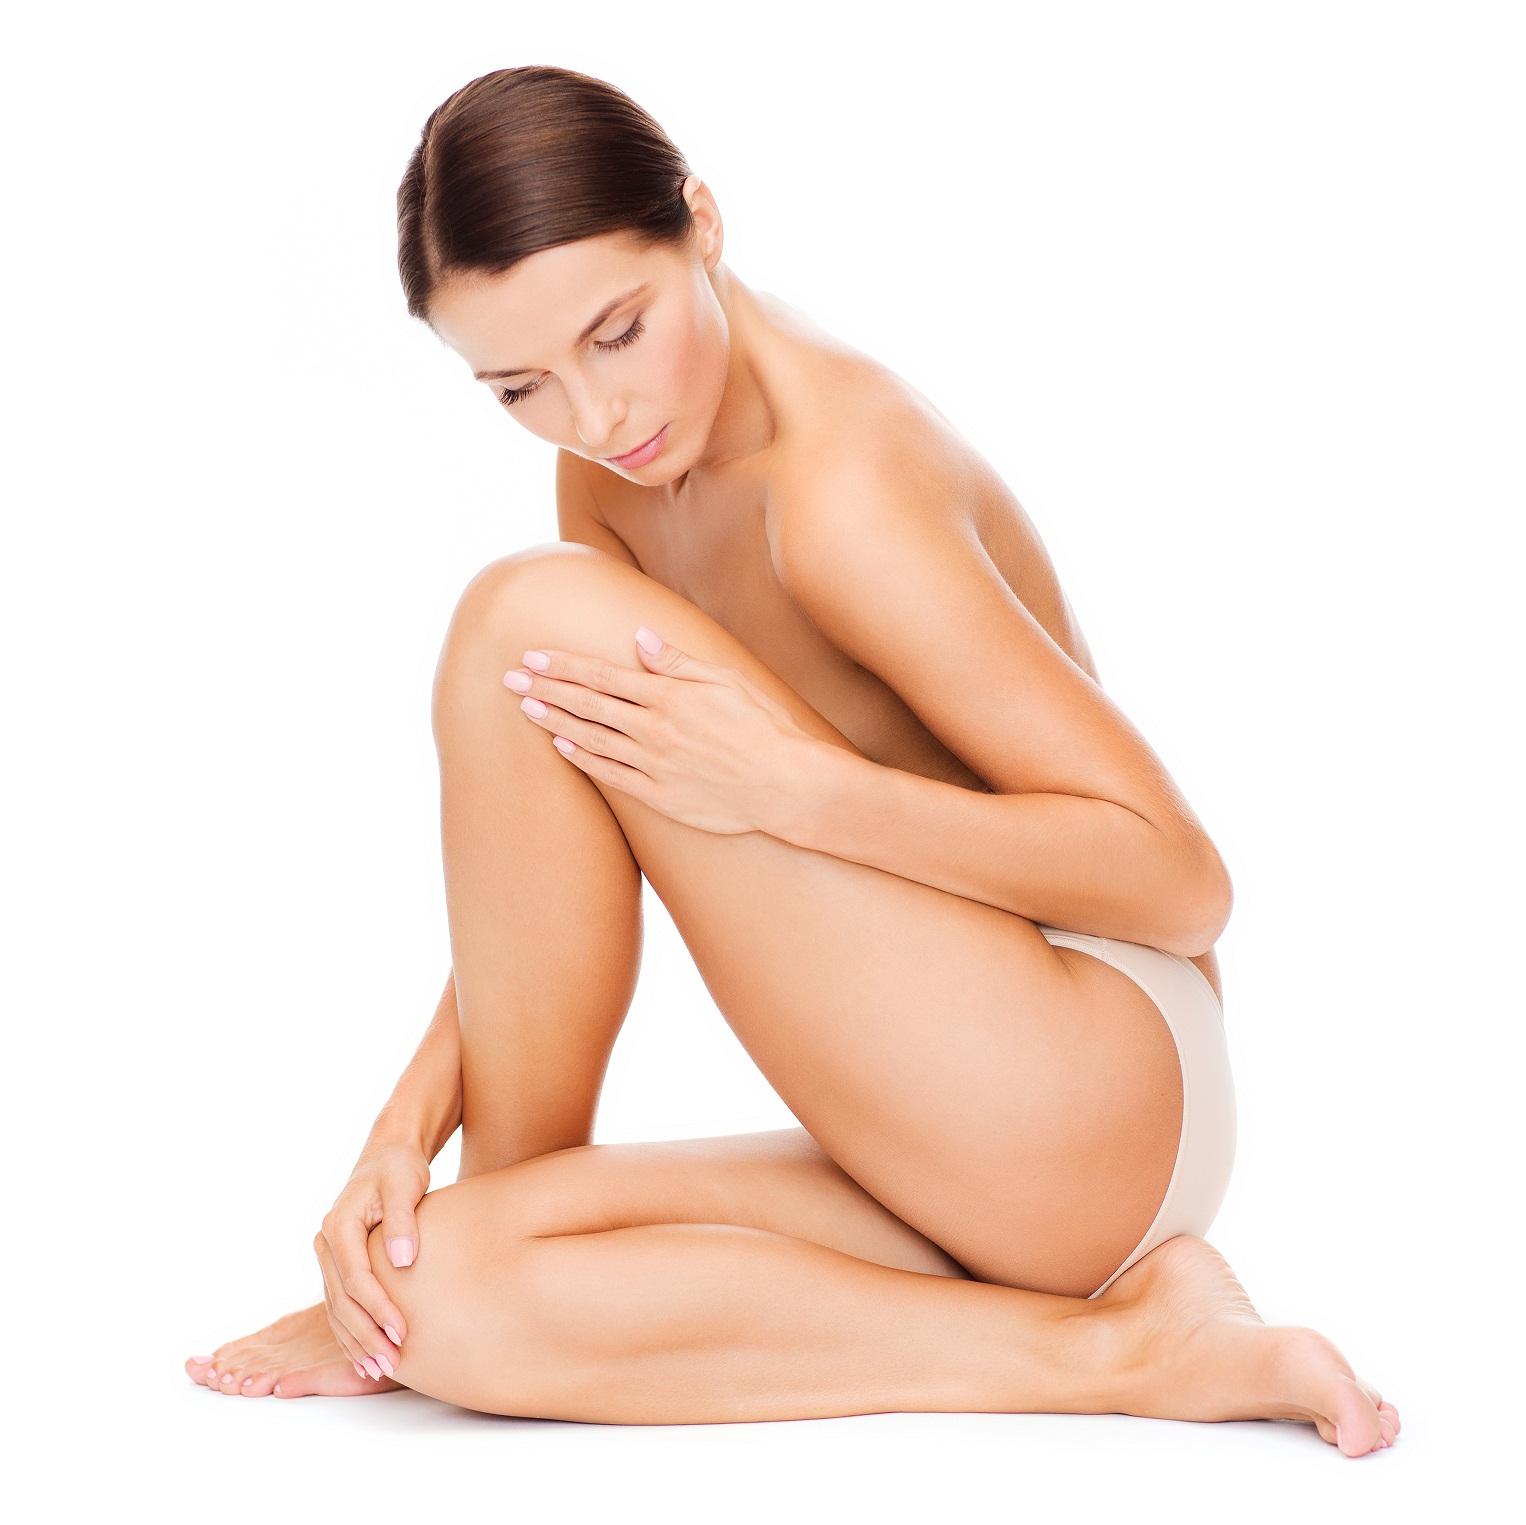 Фото оголених жіное з товстими ногами 18 фотография